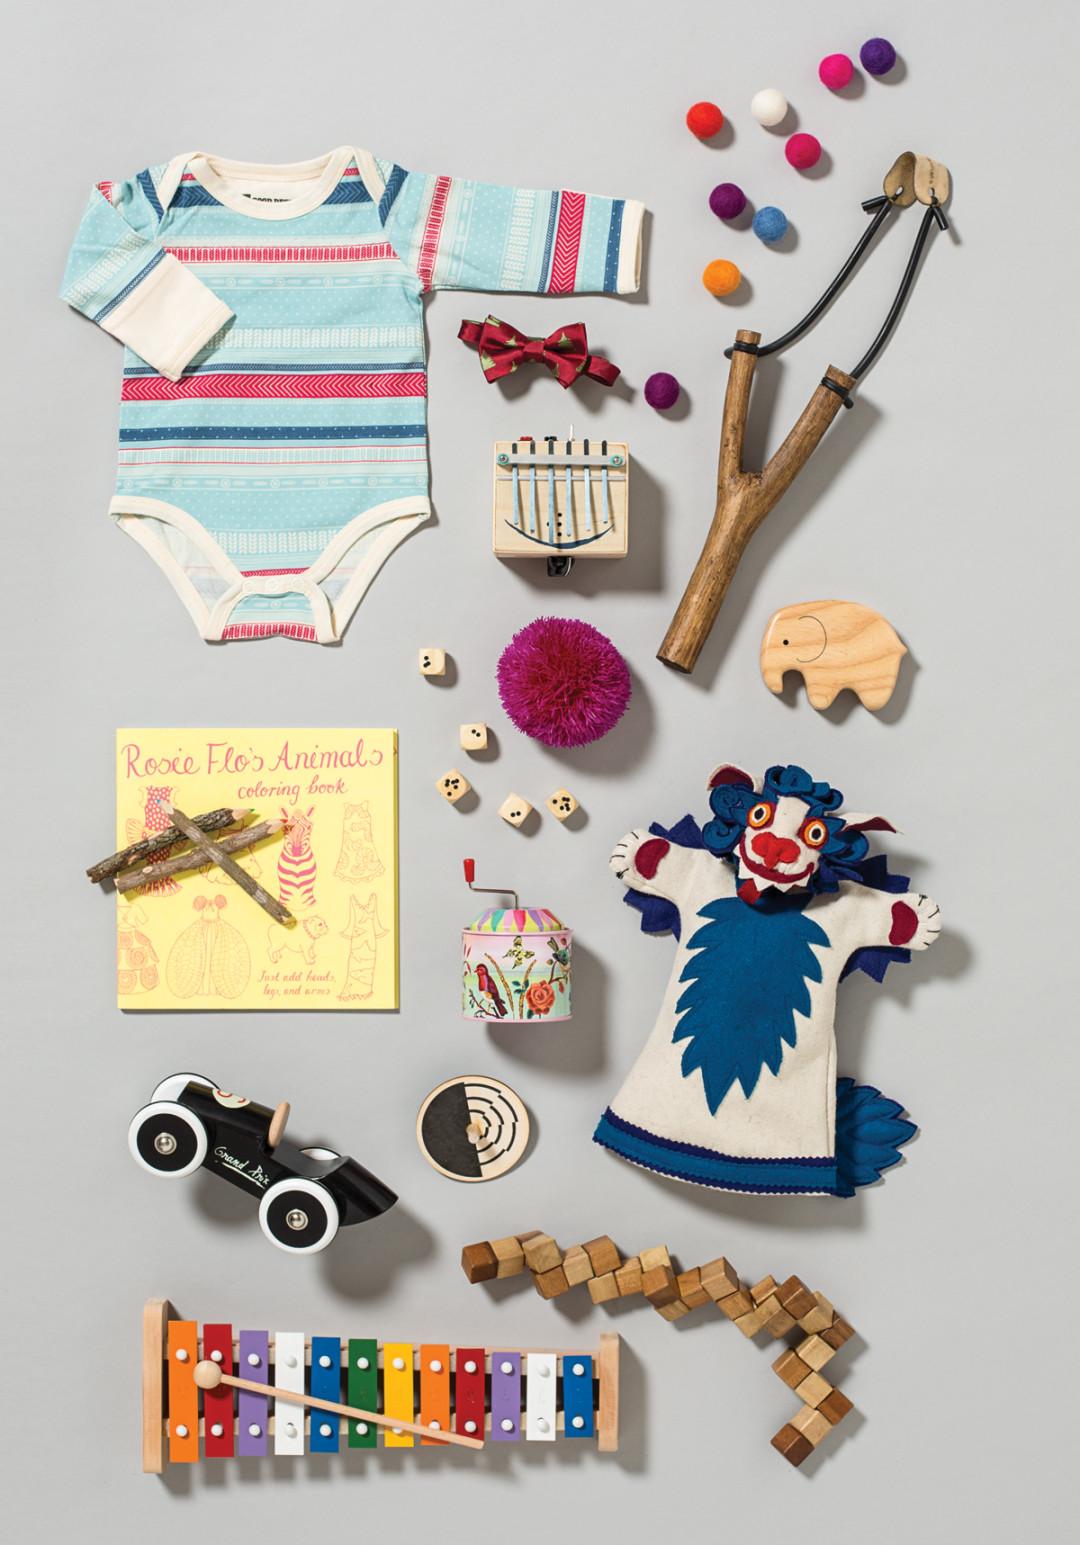 Seattle Met\'s Holiday Gift Guide 2014 | Seattle Met